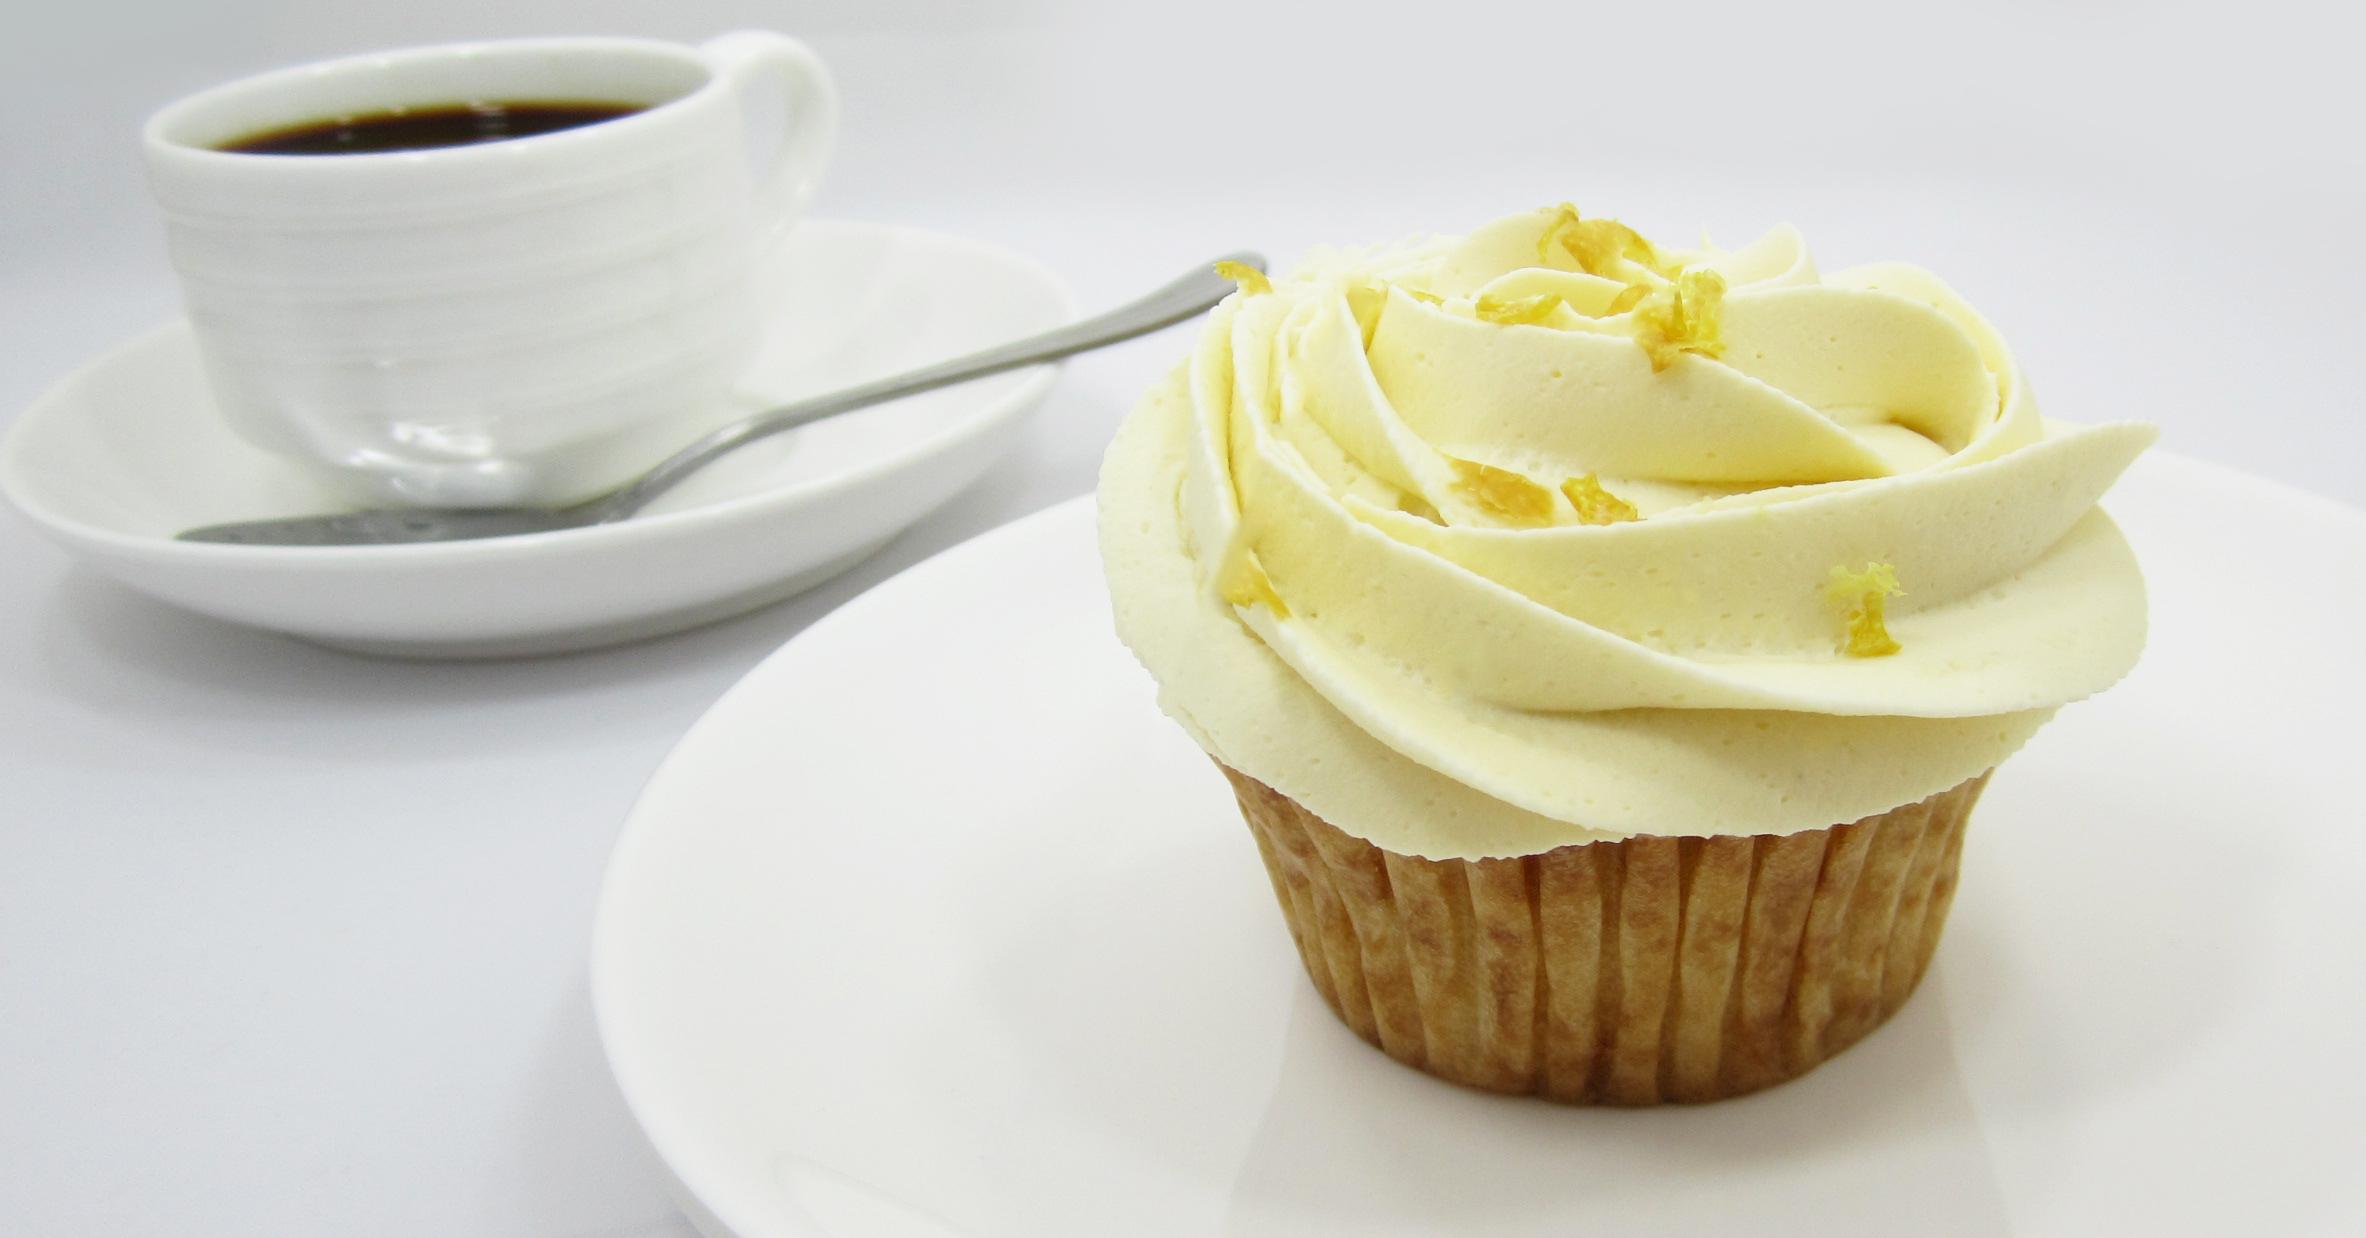 柠檬美食小清新可爱图像